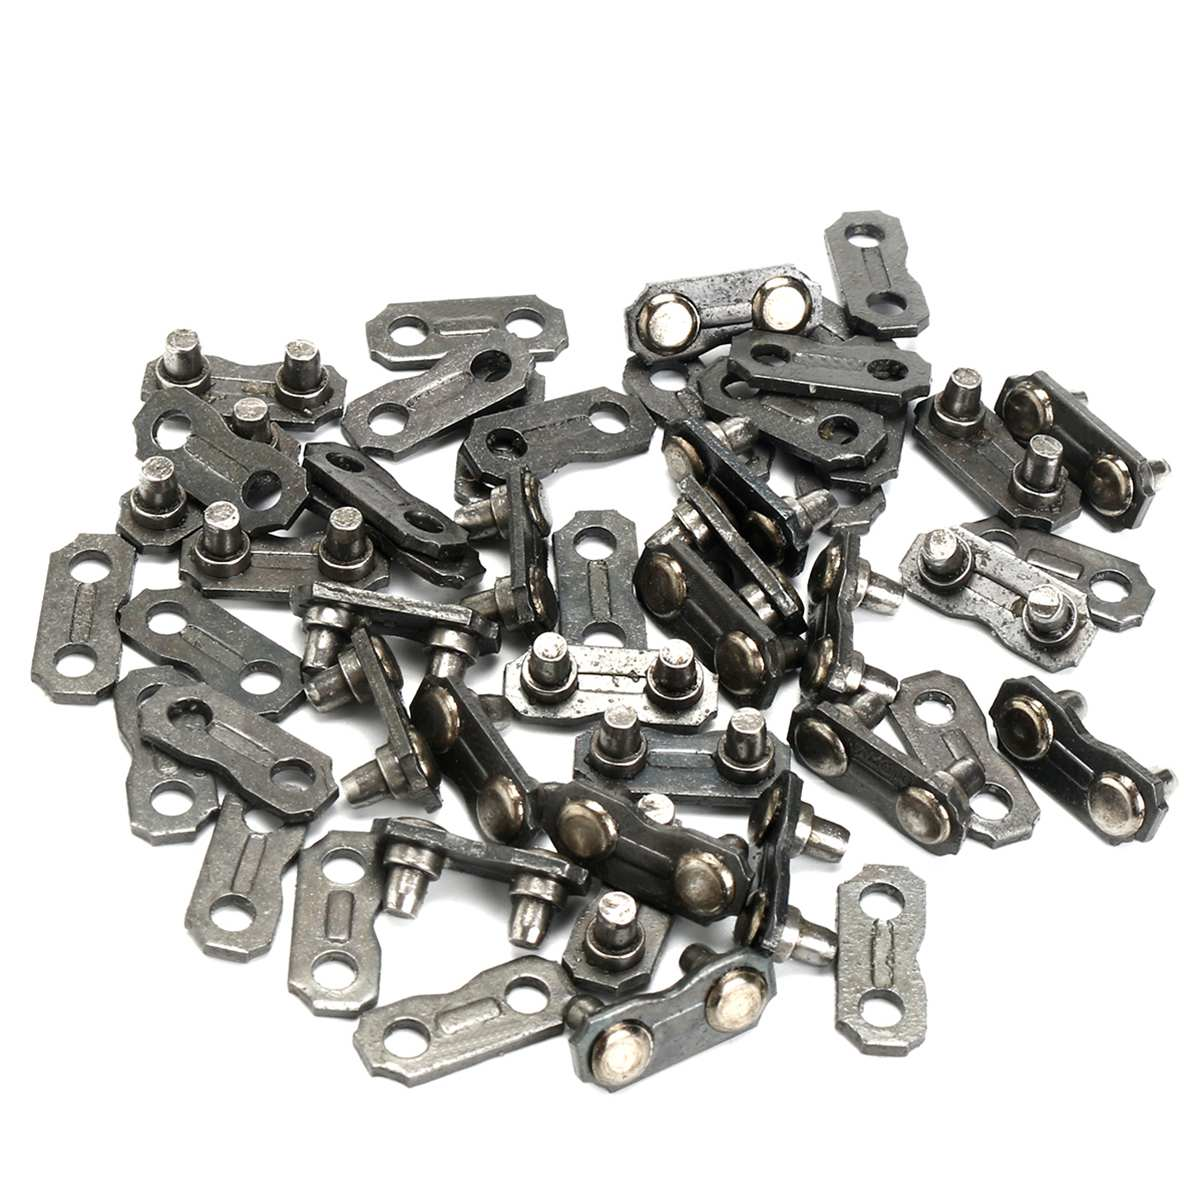 Hardware 24 Set 325 Modell Kettensäge Kette Link Kit Metall Kette Link Reparatur Preset Straps Ersetzen Teile Für Carlton/stih /husqvarna/oregon Heimwerker